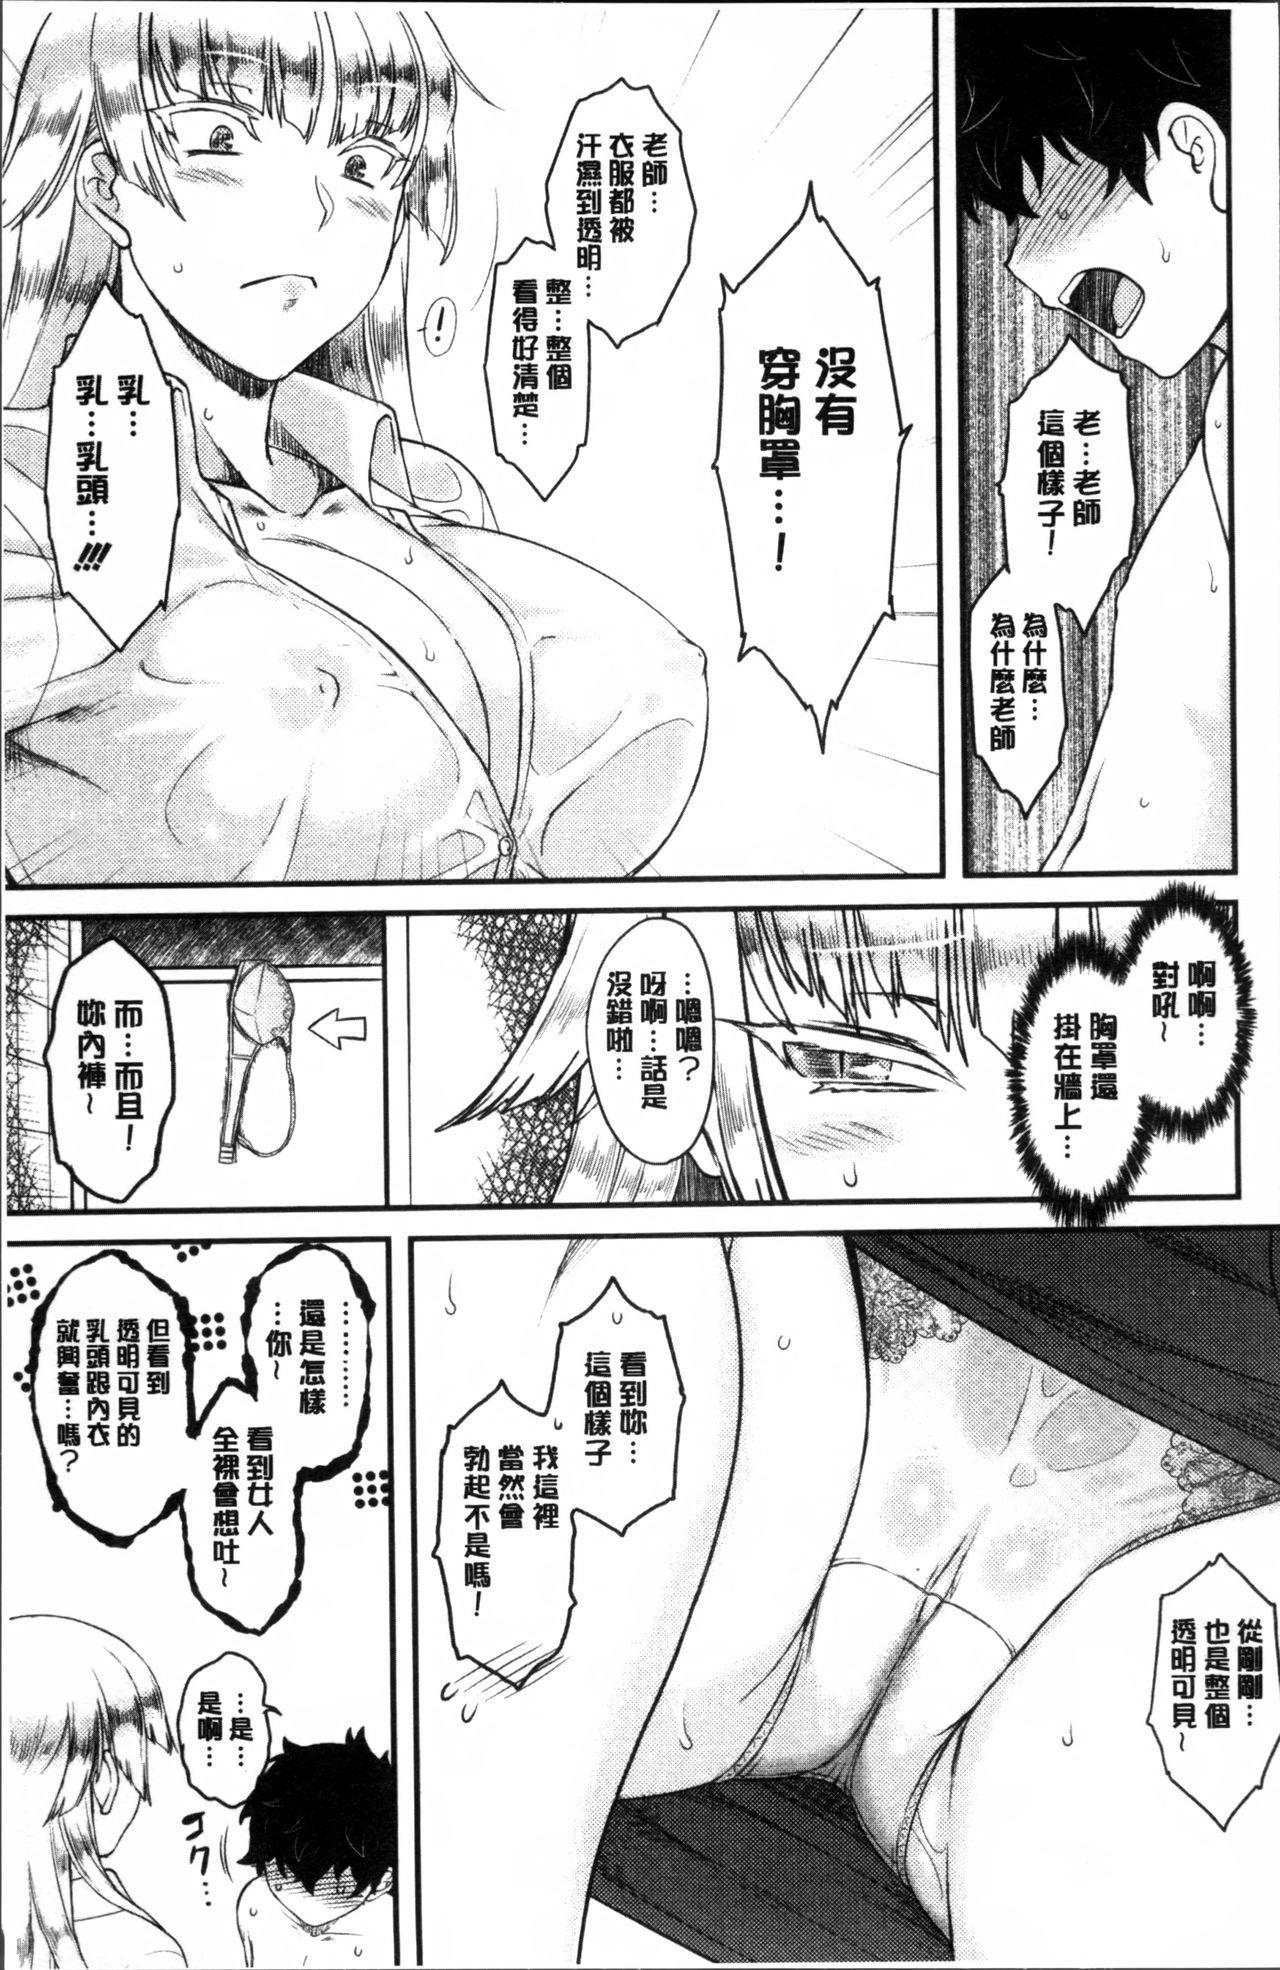 Hatsukoi Splash! 49